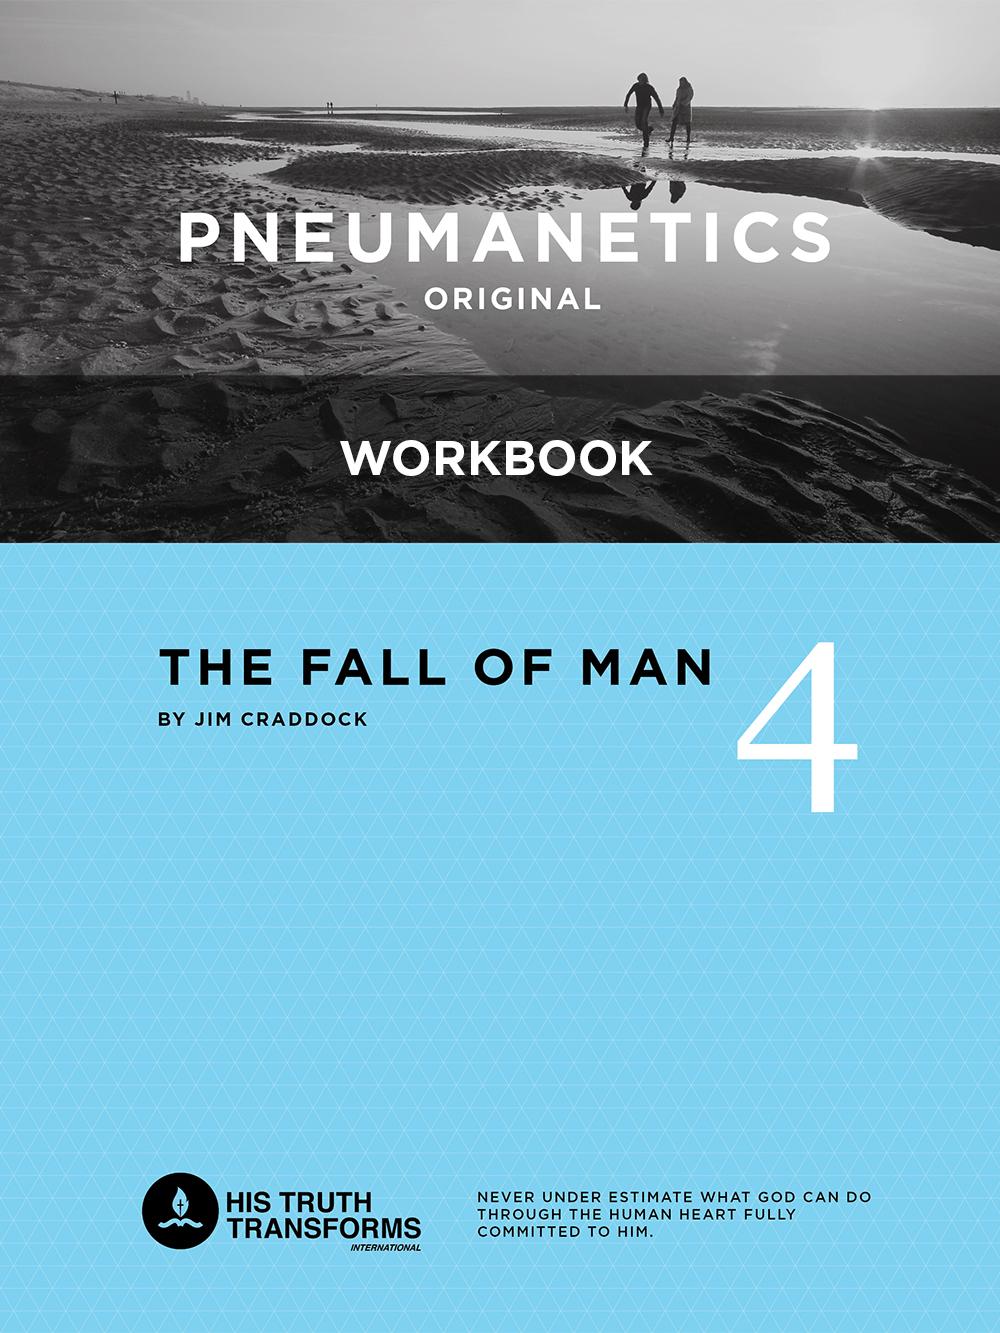 pneumanetics-4-workbook.jpg